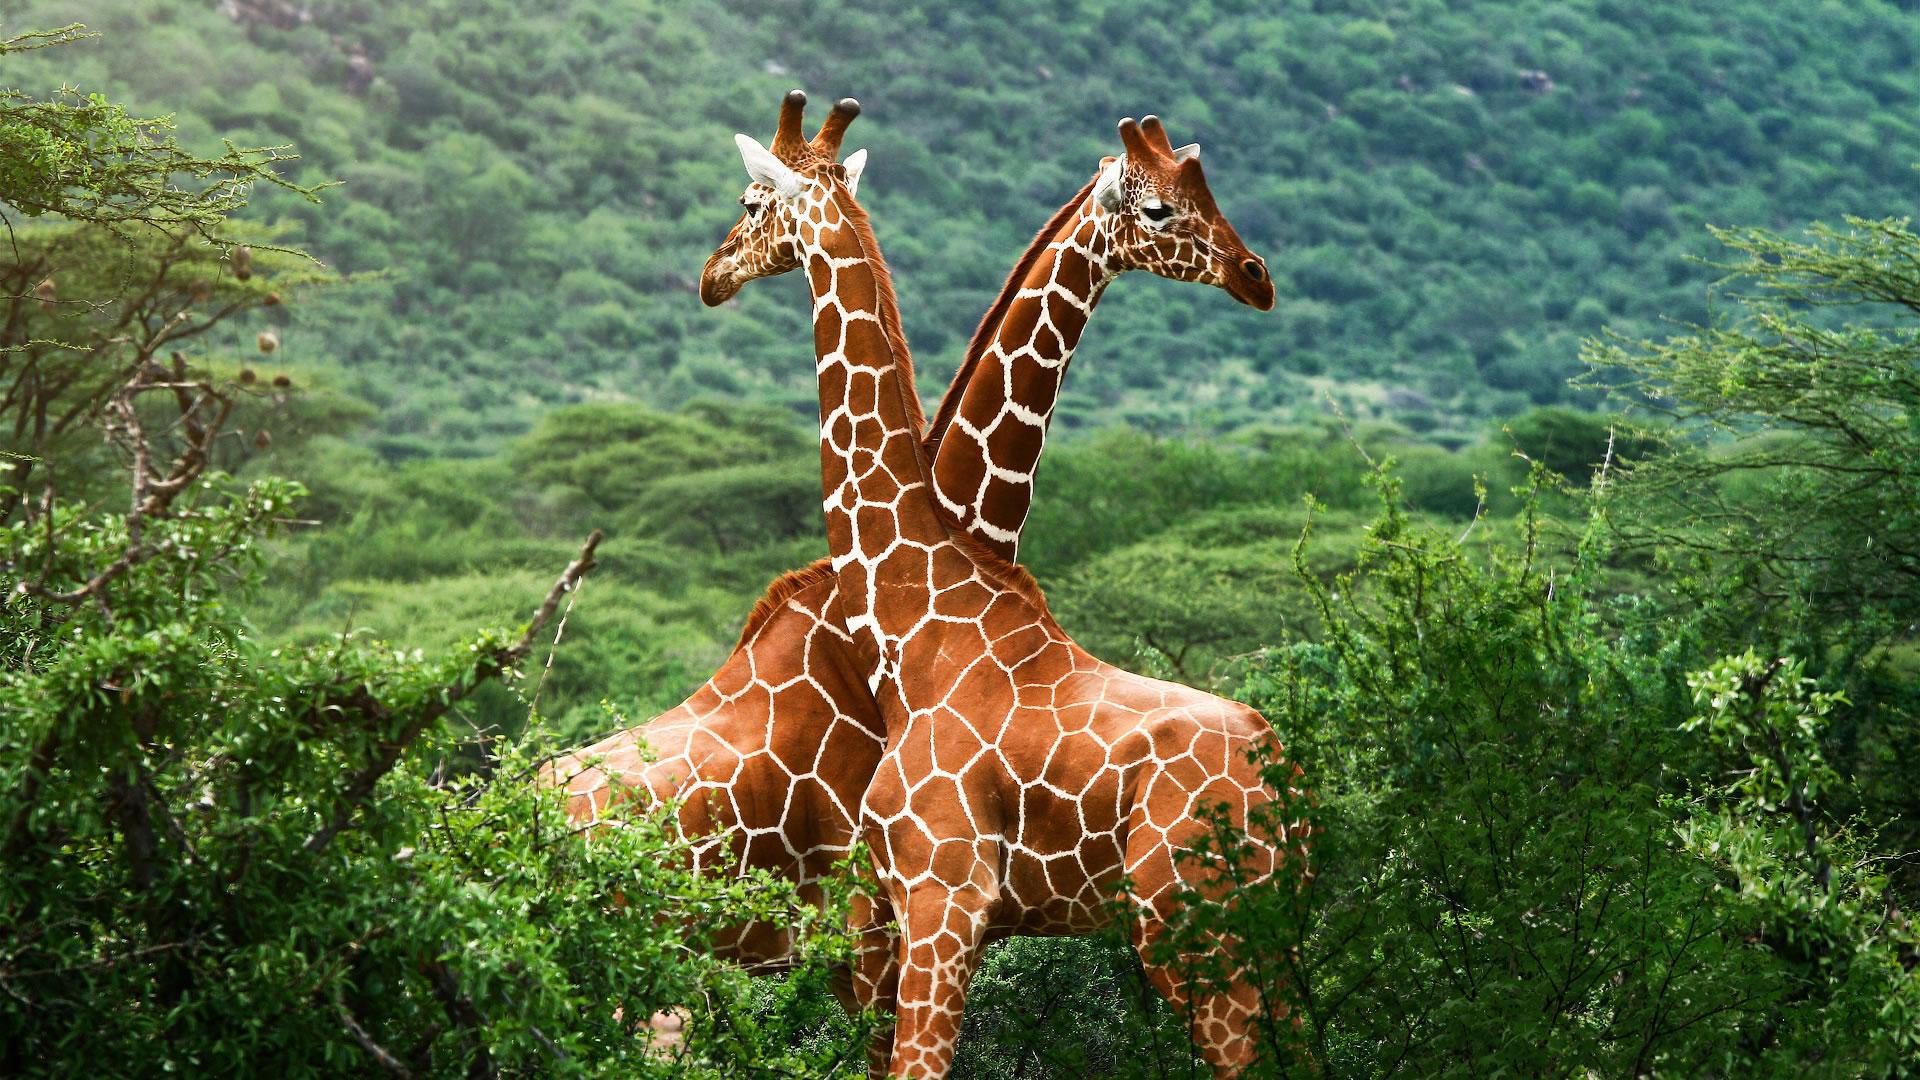 giraffe wallpaper 11453